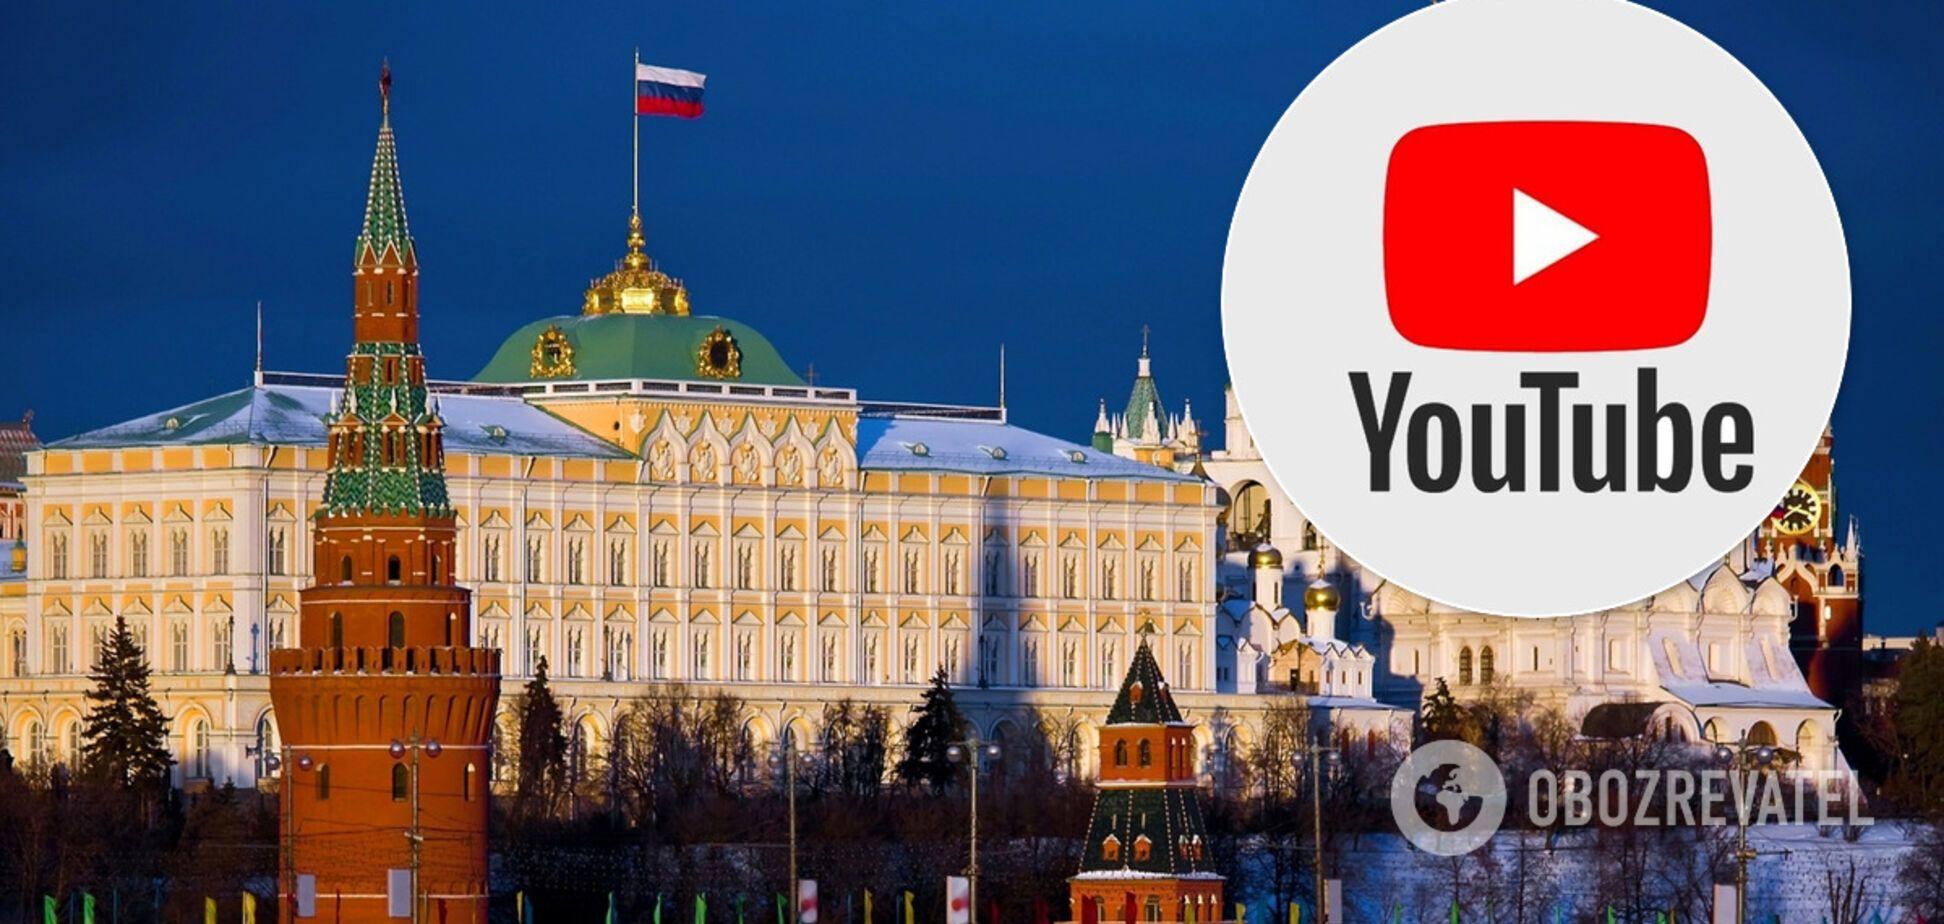 YouTube видалив канали трьох російських пропагандистських ЗМІ. Ілюстрація